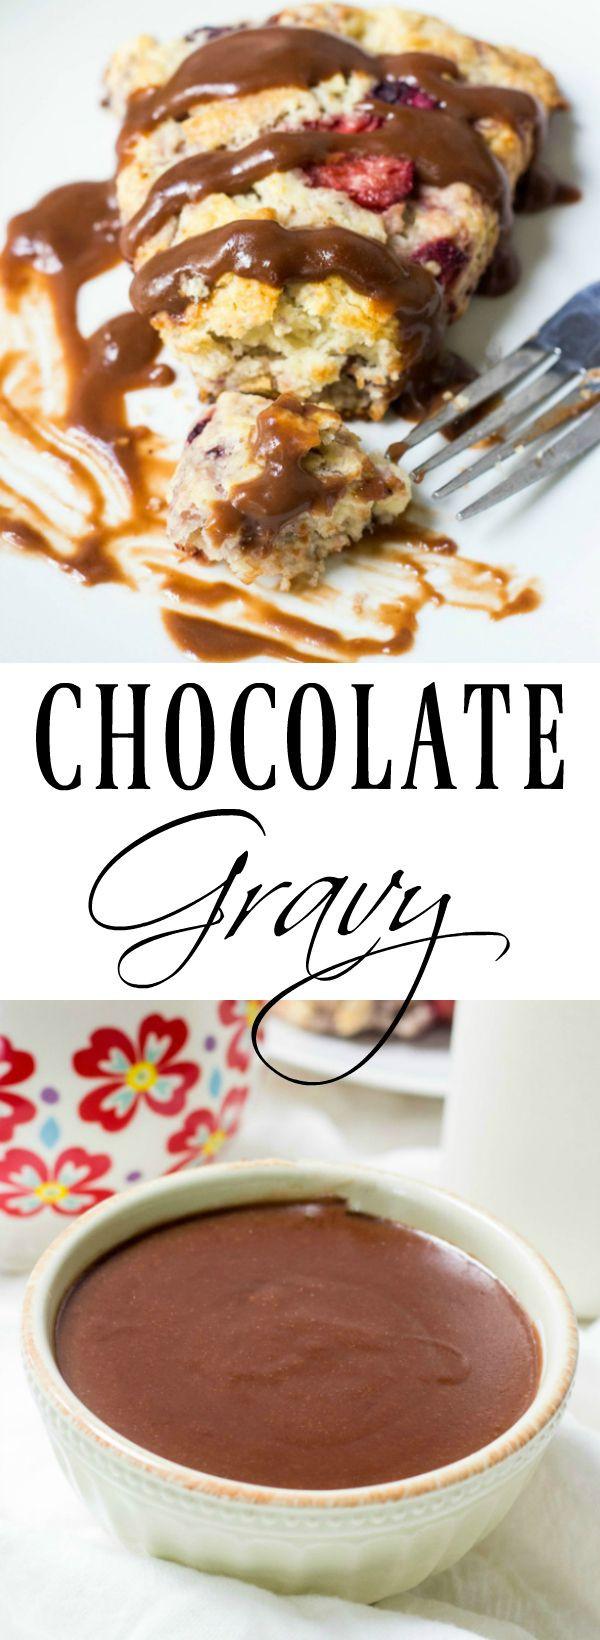 How To Make Chocolate Gravy  Chocolate Gravy Recipe